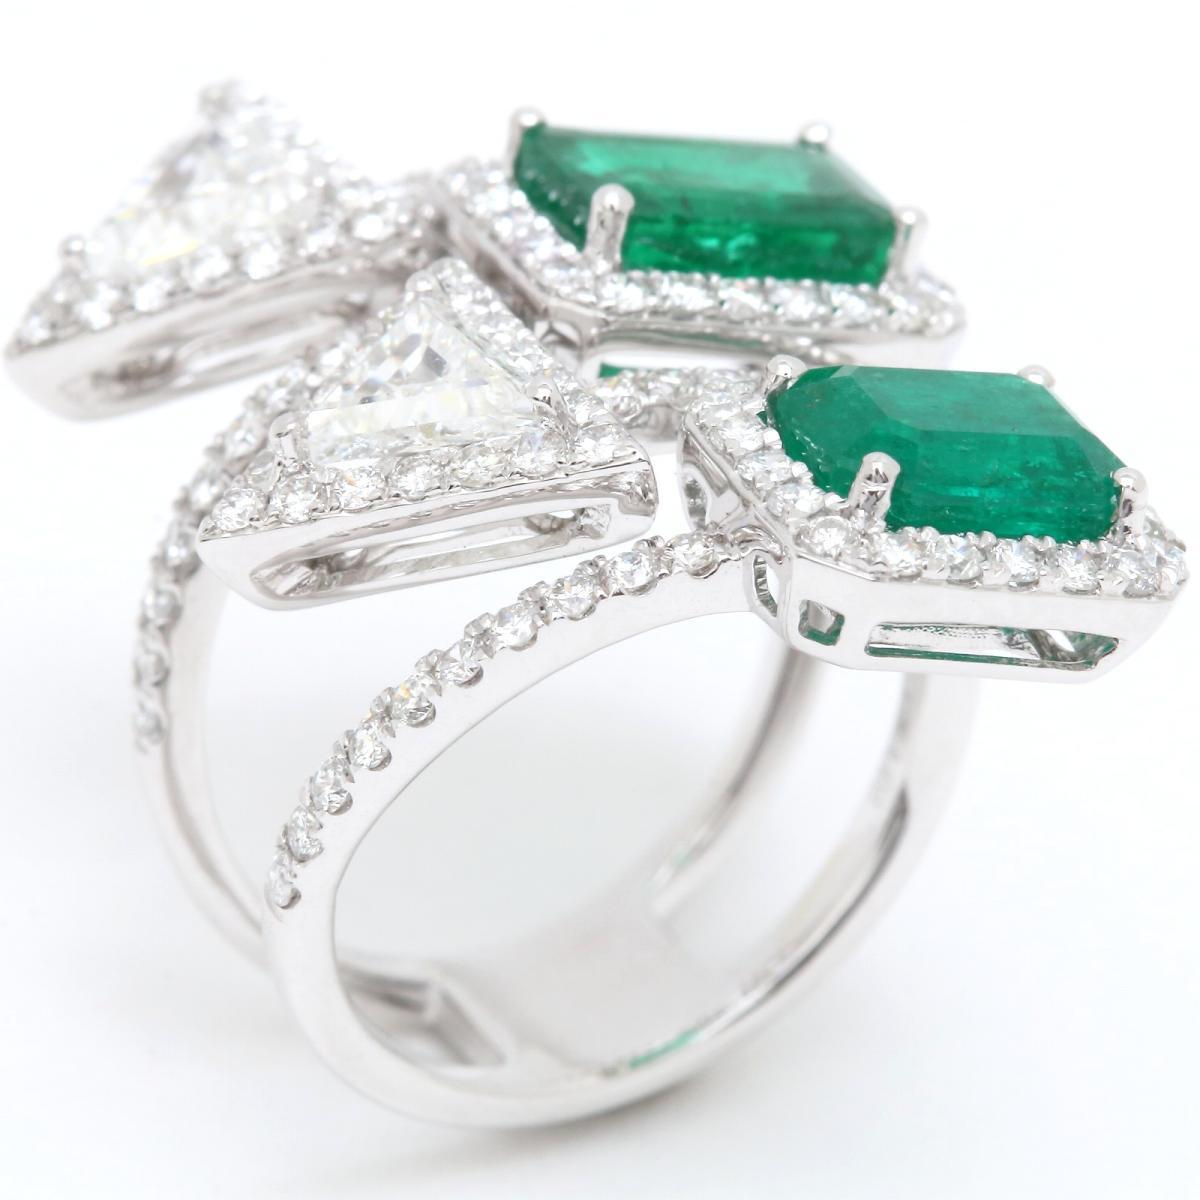 【在庫僅少】 ジュエリー エメラルド ダイヤモンド リング 指輪 ノーブランドジュエリー レディース K18WG (750) ホワイトゴールド x 【】   JEWELRY BRANDOFF ブランドオフ アクセサリー, ユラチョウ 985e603e